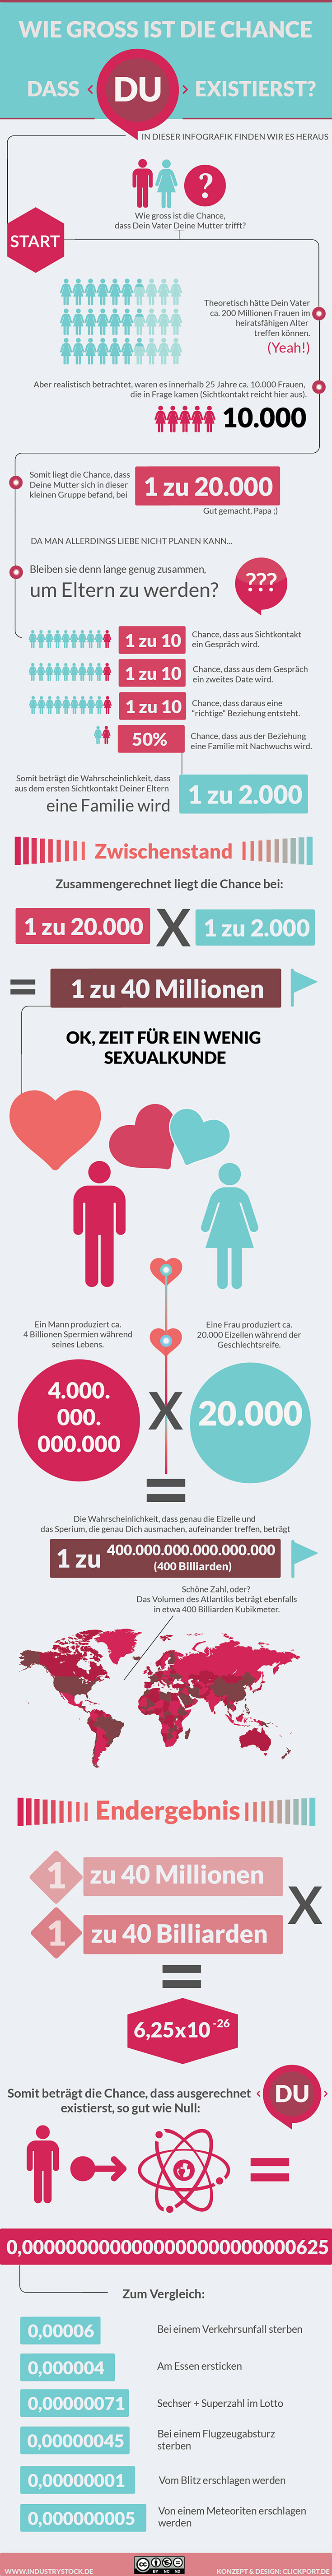 Wie gross ist die Chance, dass DU existierst? - Infografik